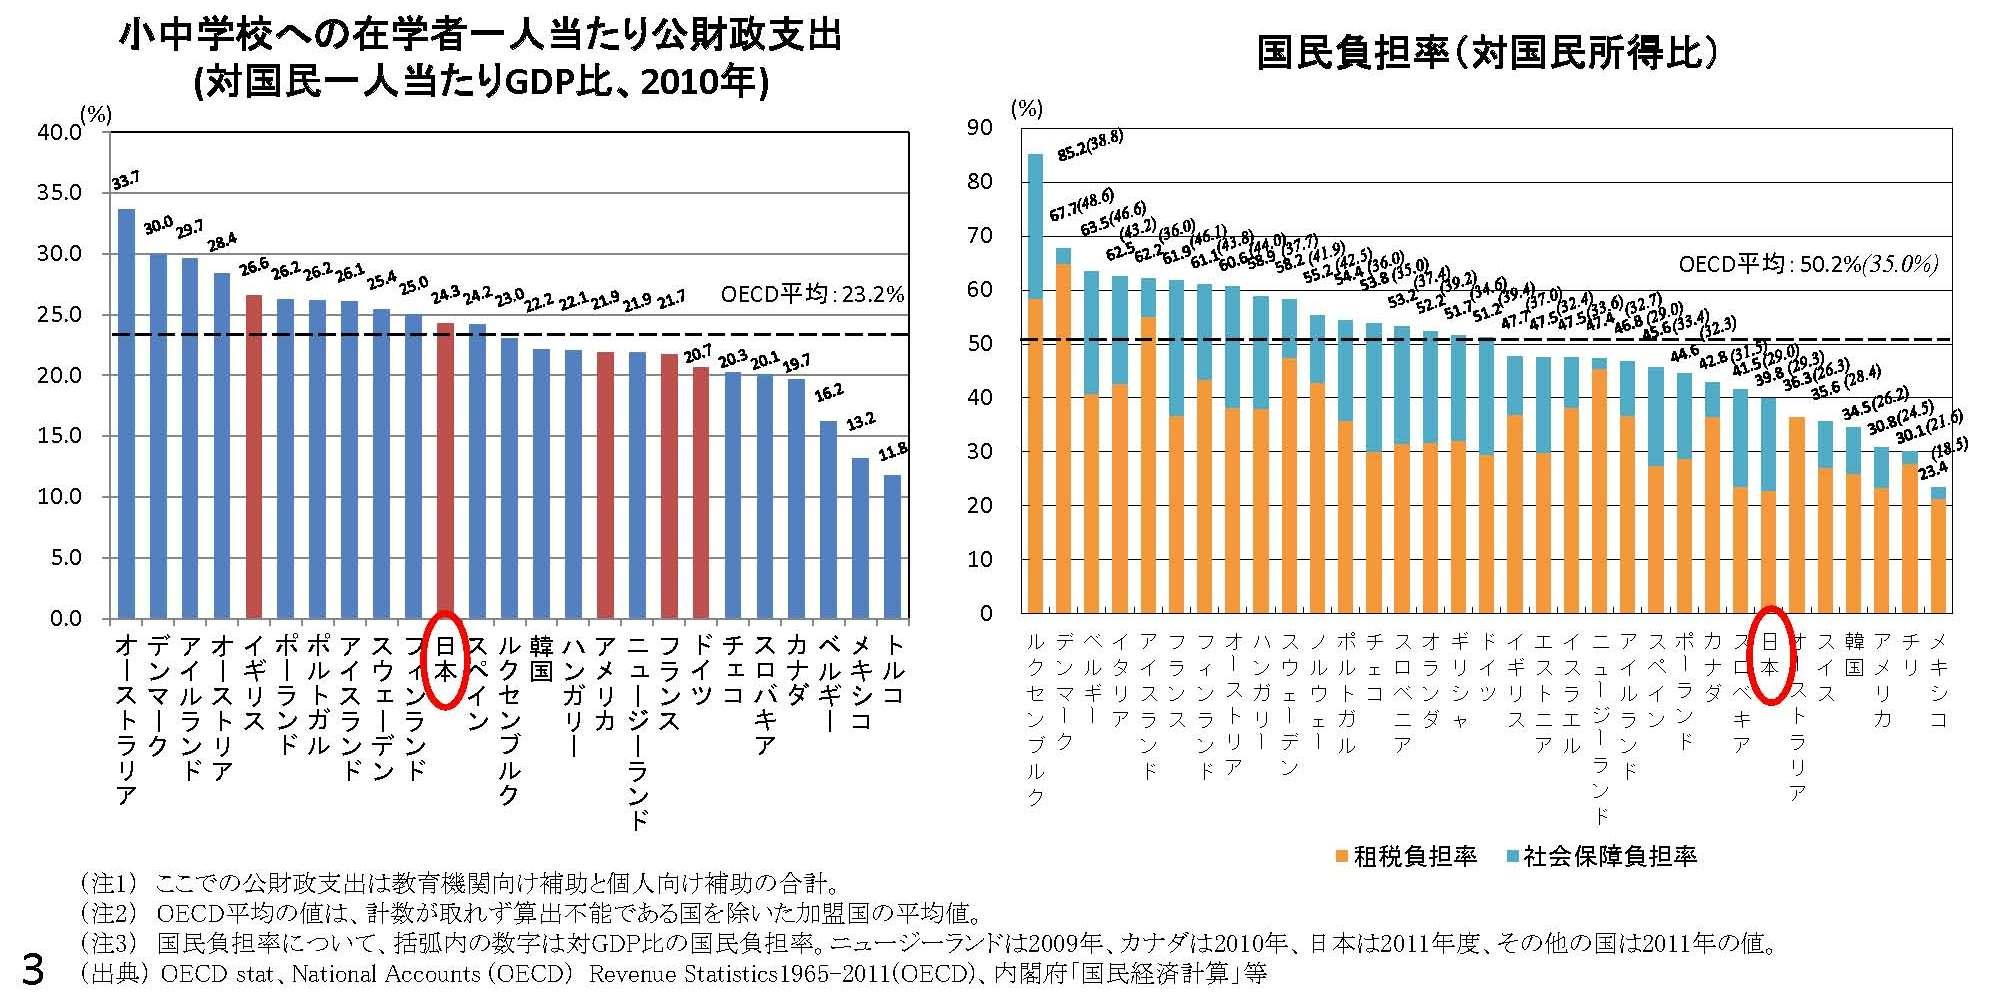 武蔵野市議 川名ゆうじ blog日本は小中学校にお金をかけ過ぎか?トラックバック